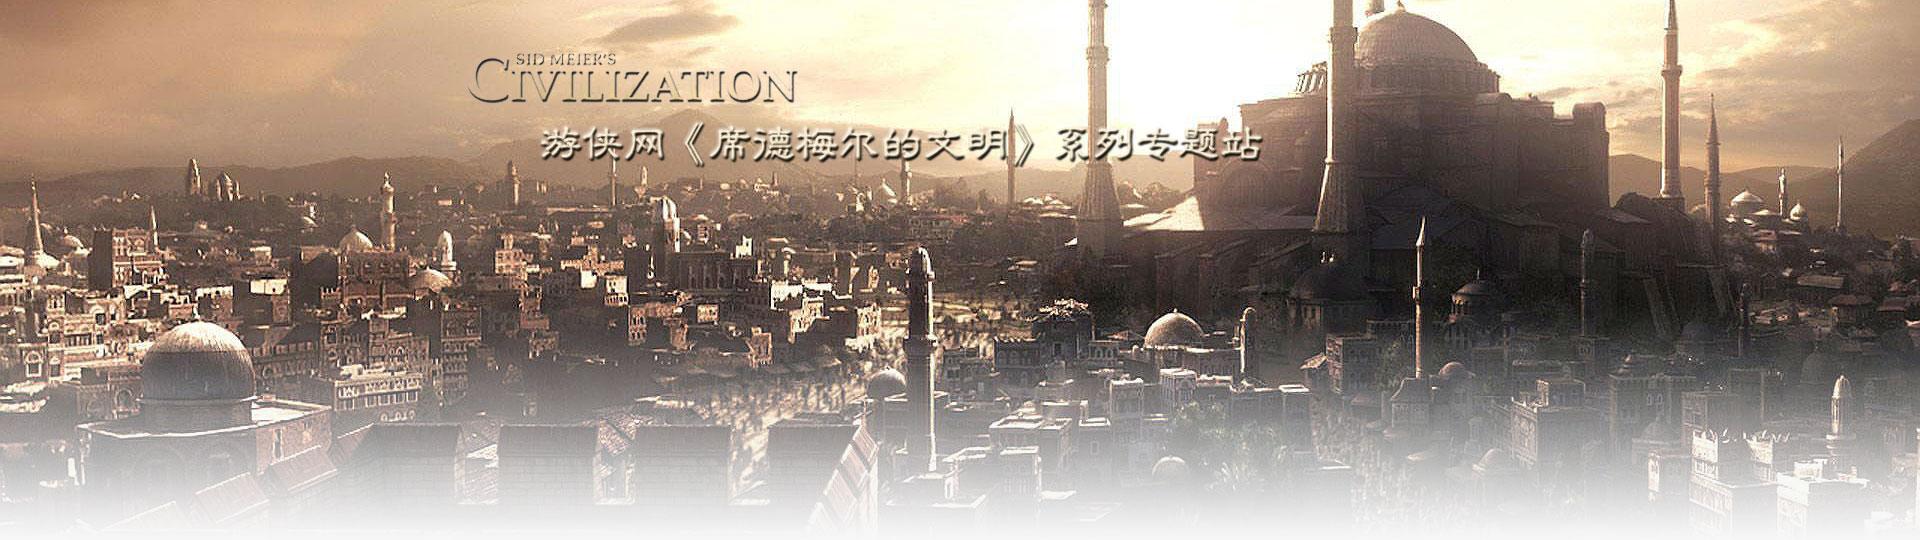 席德梅尔之文明系列